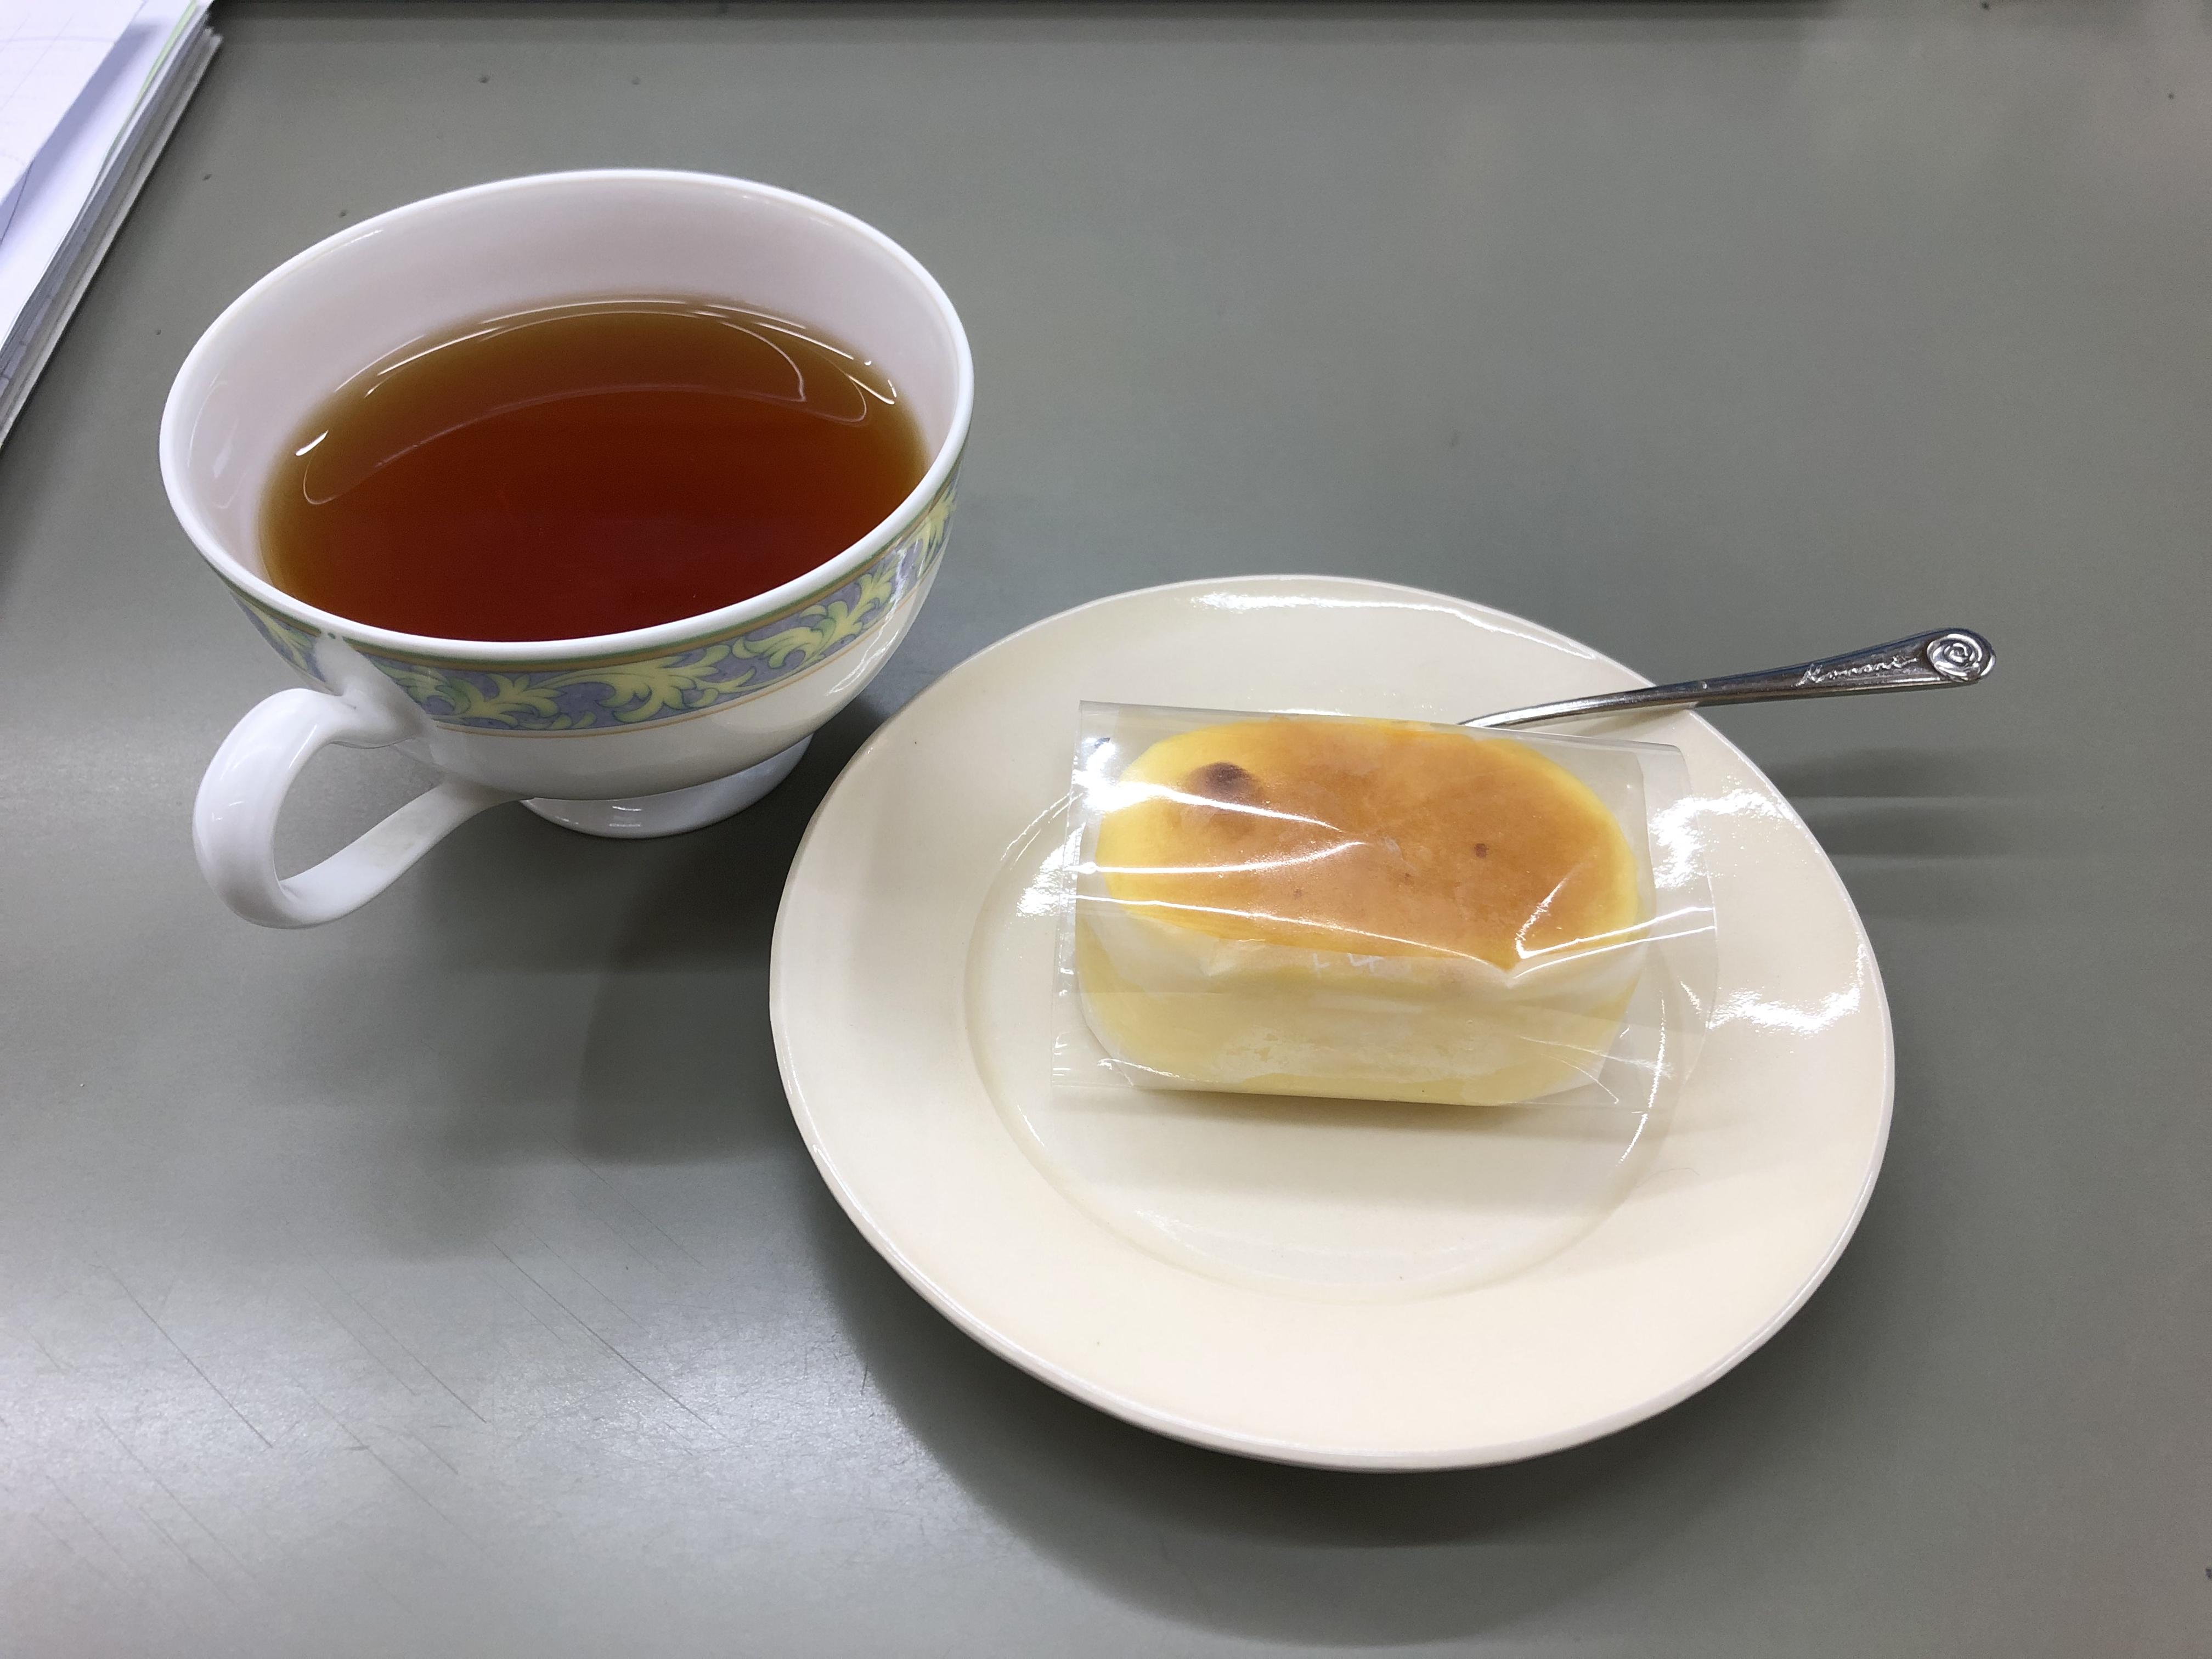 FINE PLACE 10月号裏話 ~ナルシマ社内のおやつタイム~